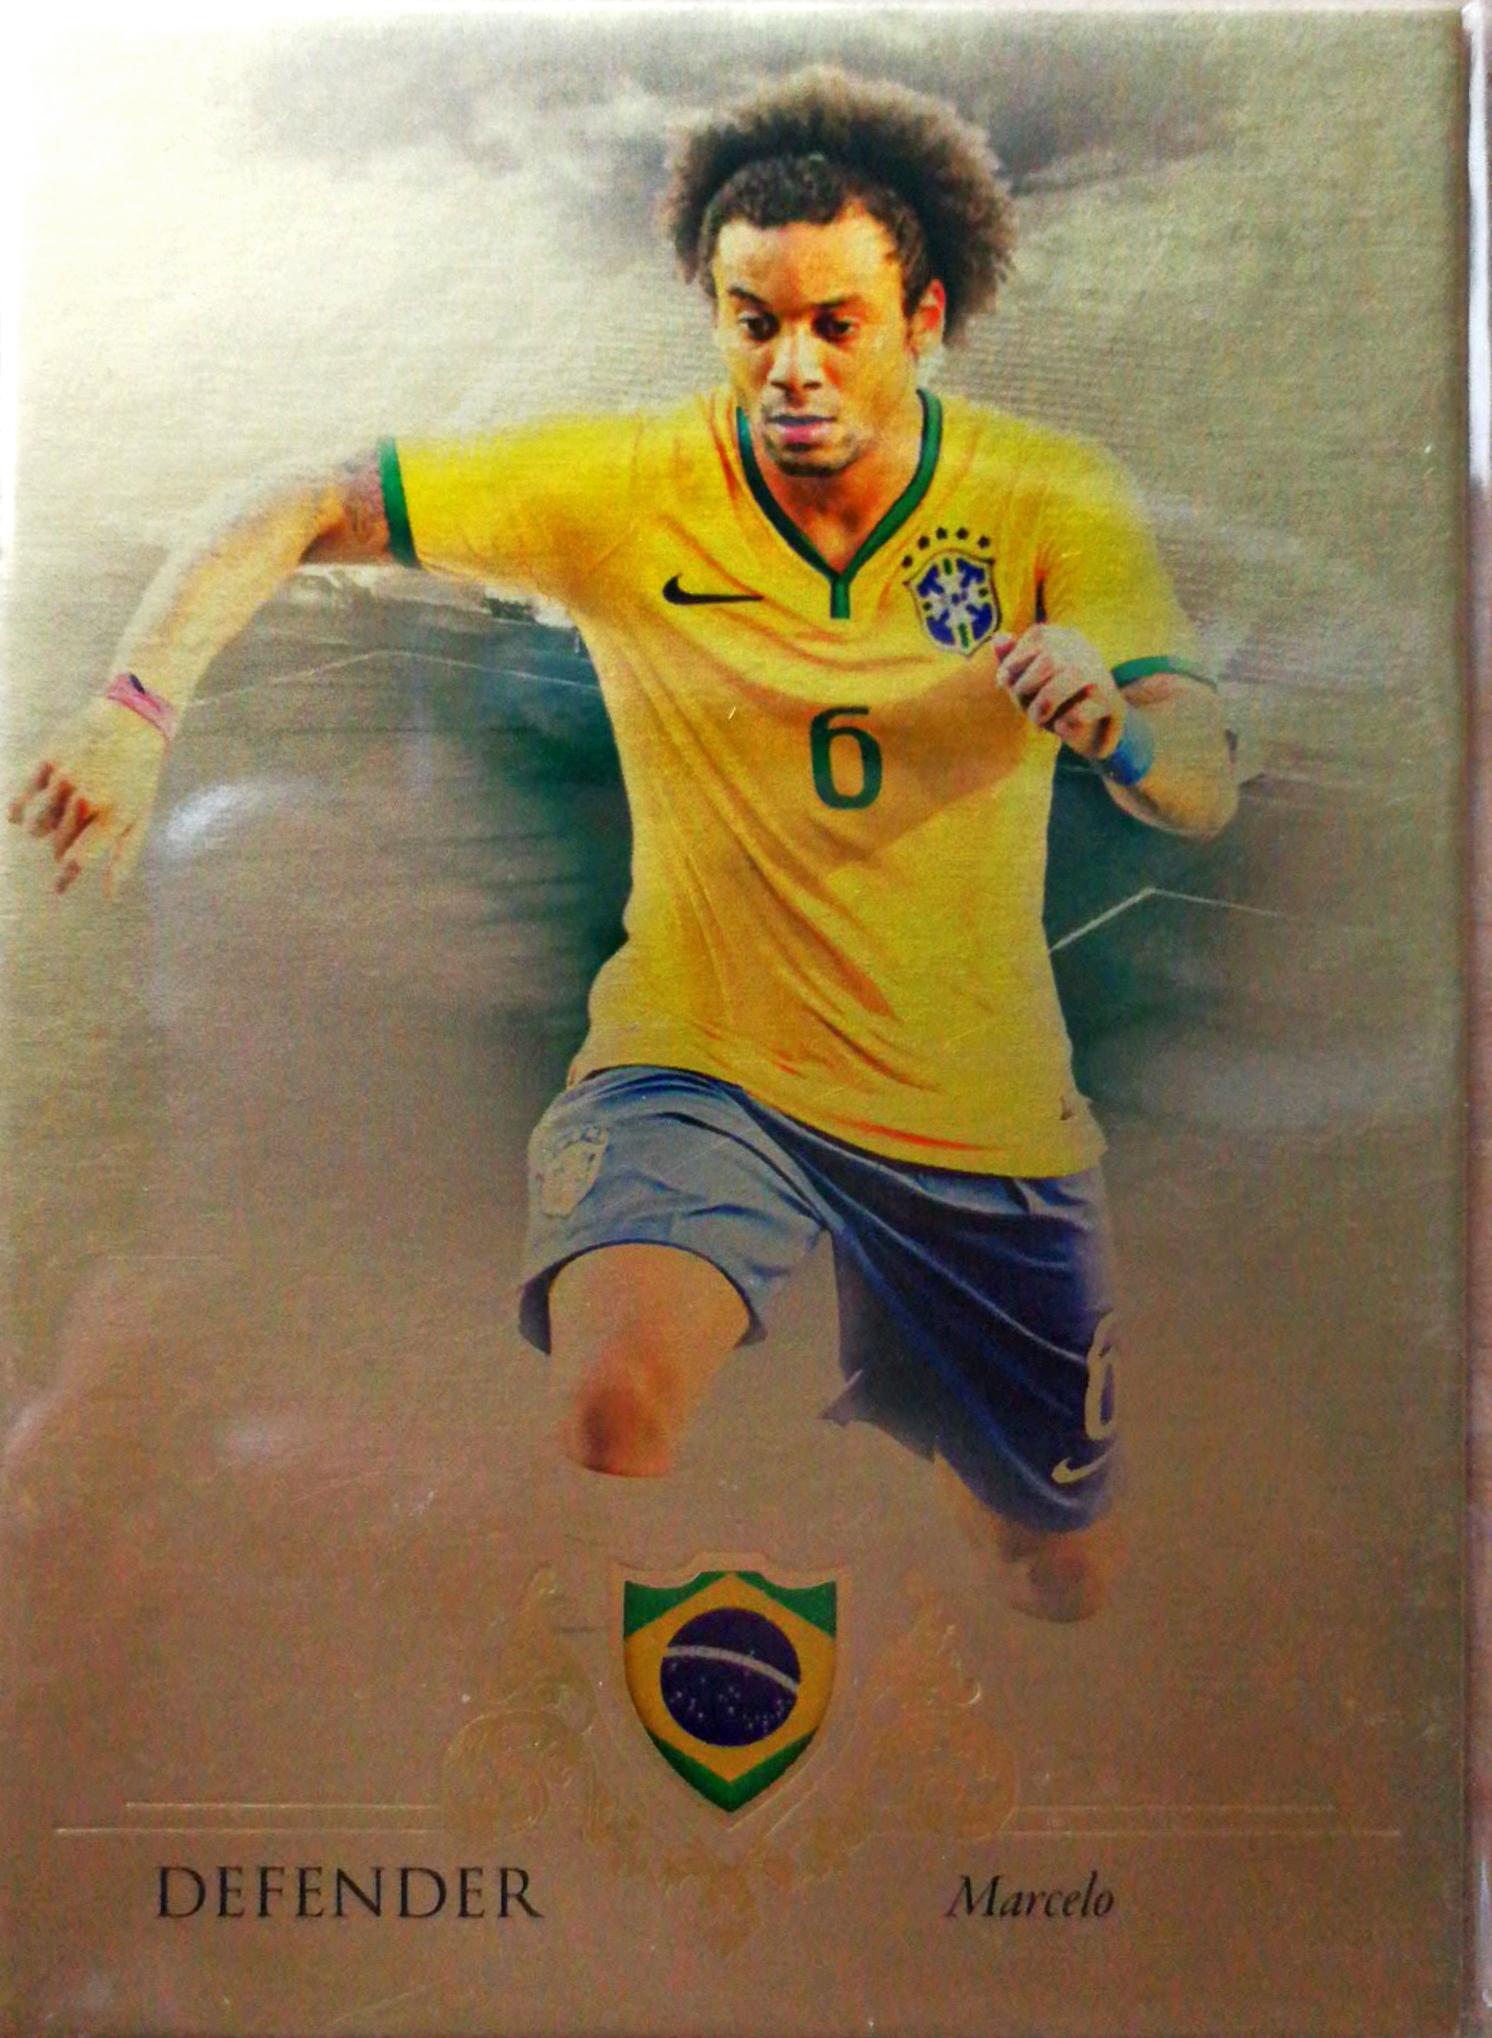 【自若清风】2016Futera世界足球Unique特制版球星卡Marcelo马塞洛巴西1/11NO.018基础卡特殊号